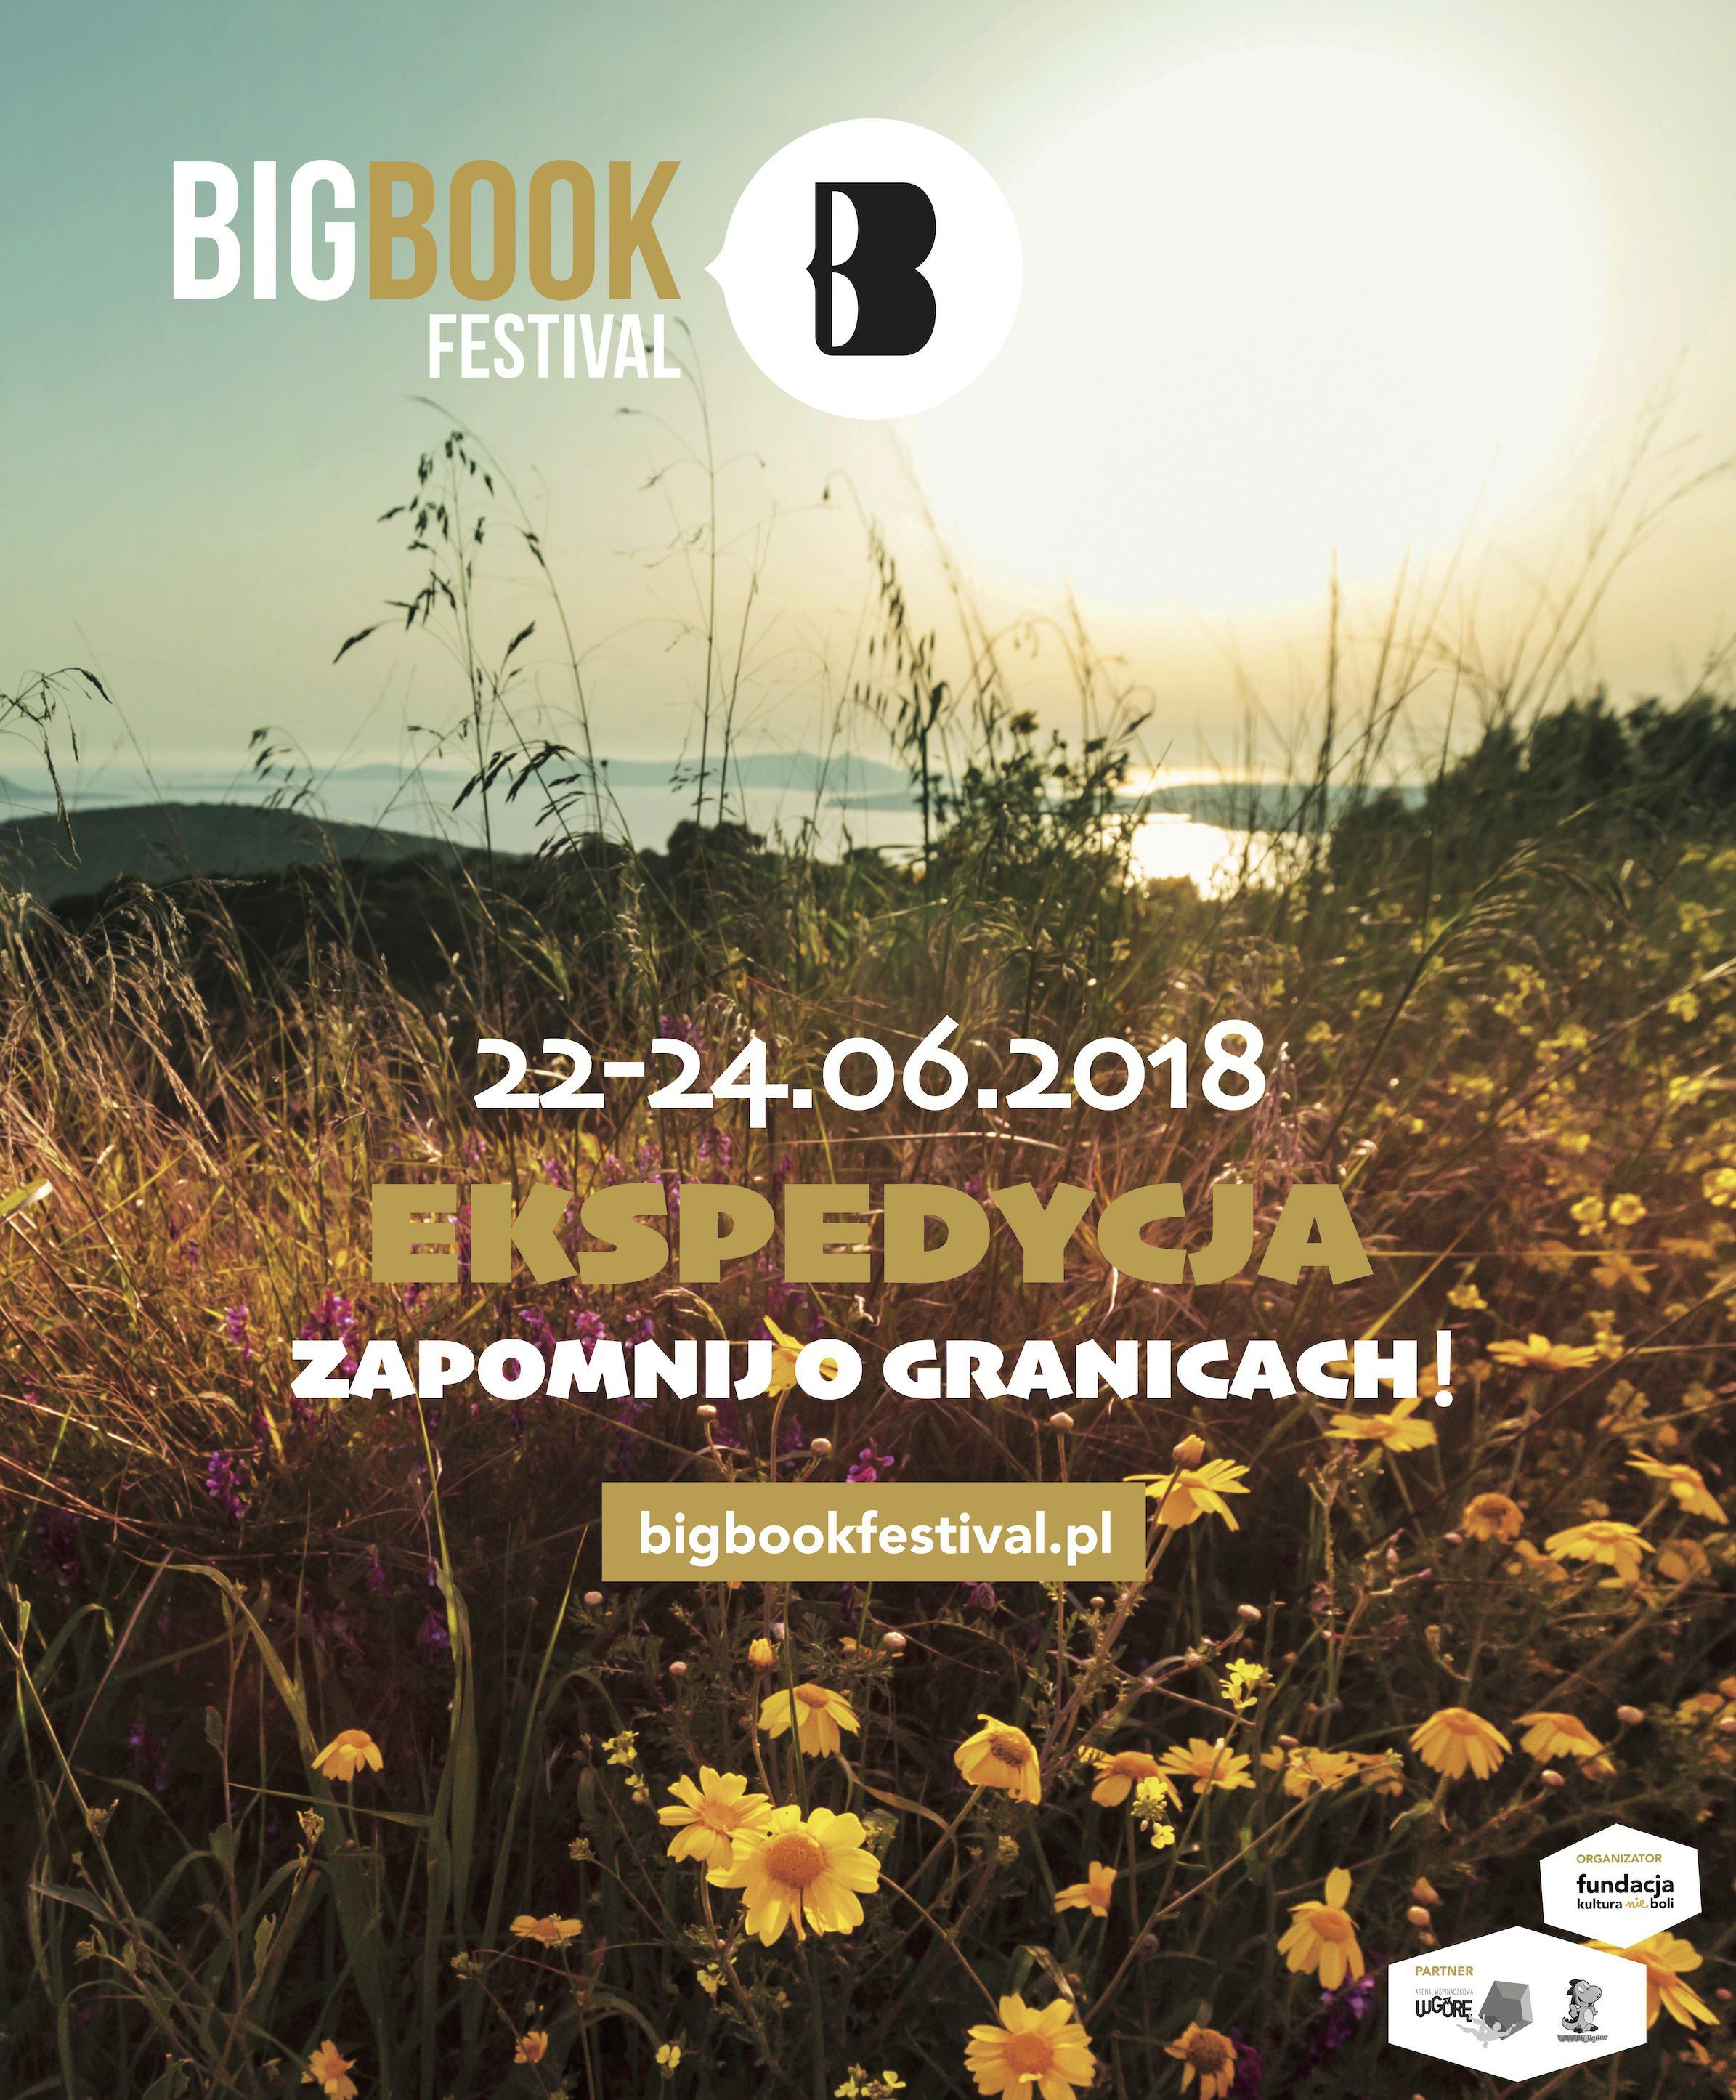 Big Book Festival dla wszystkich pokoleń